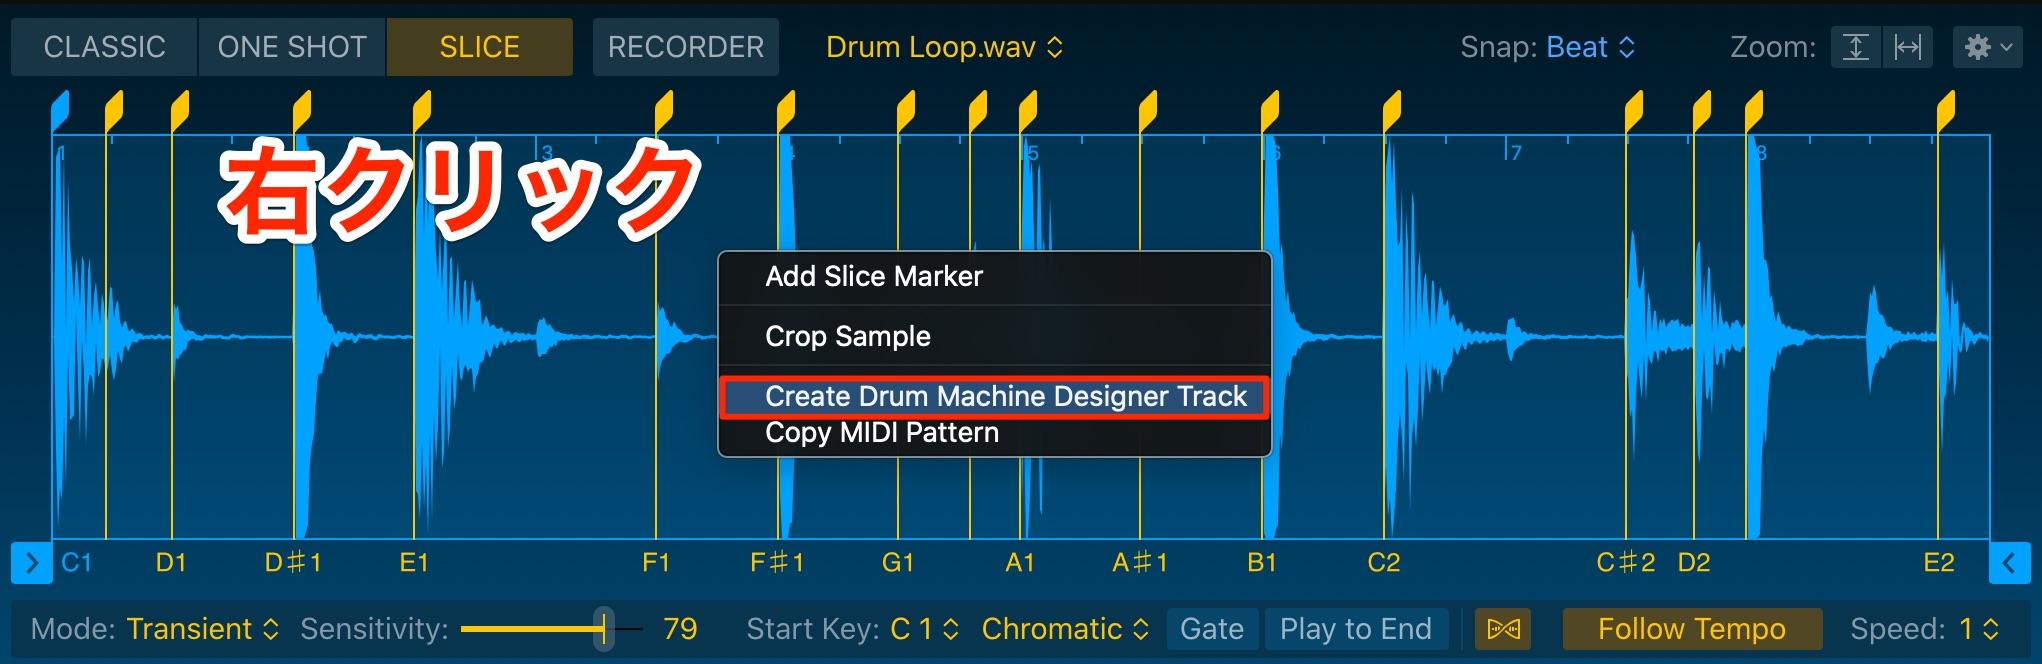 Create_Drum_Machine_Designer_Track